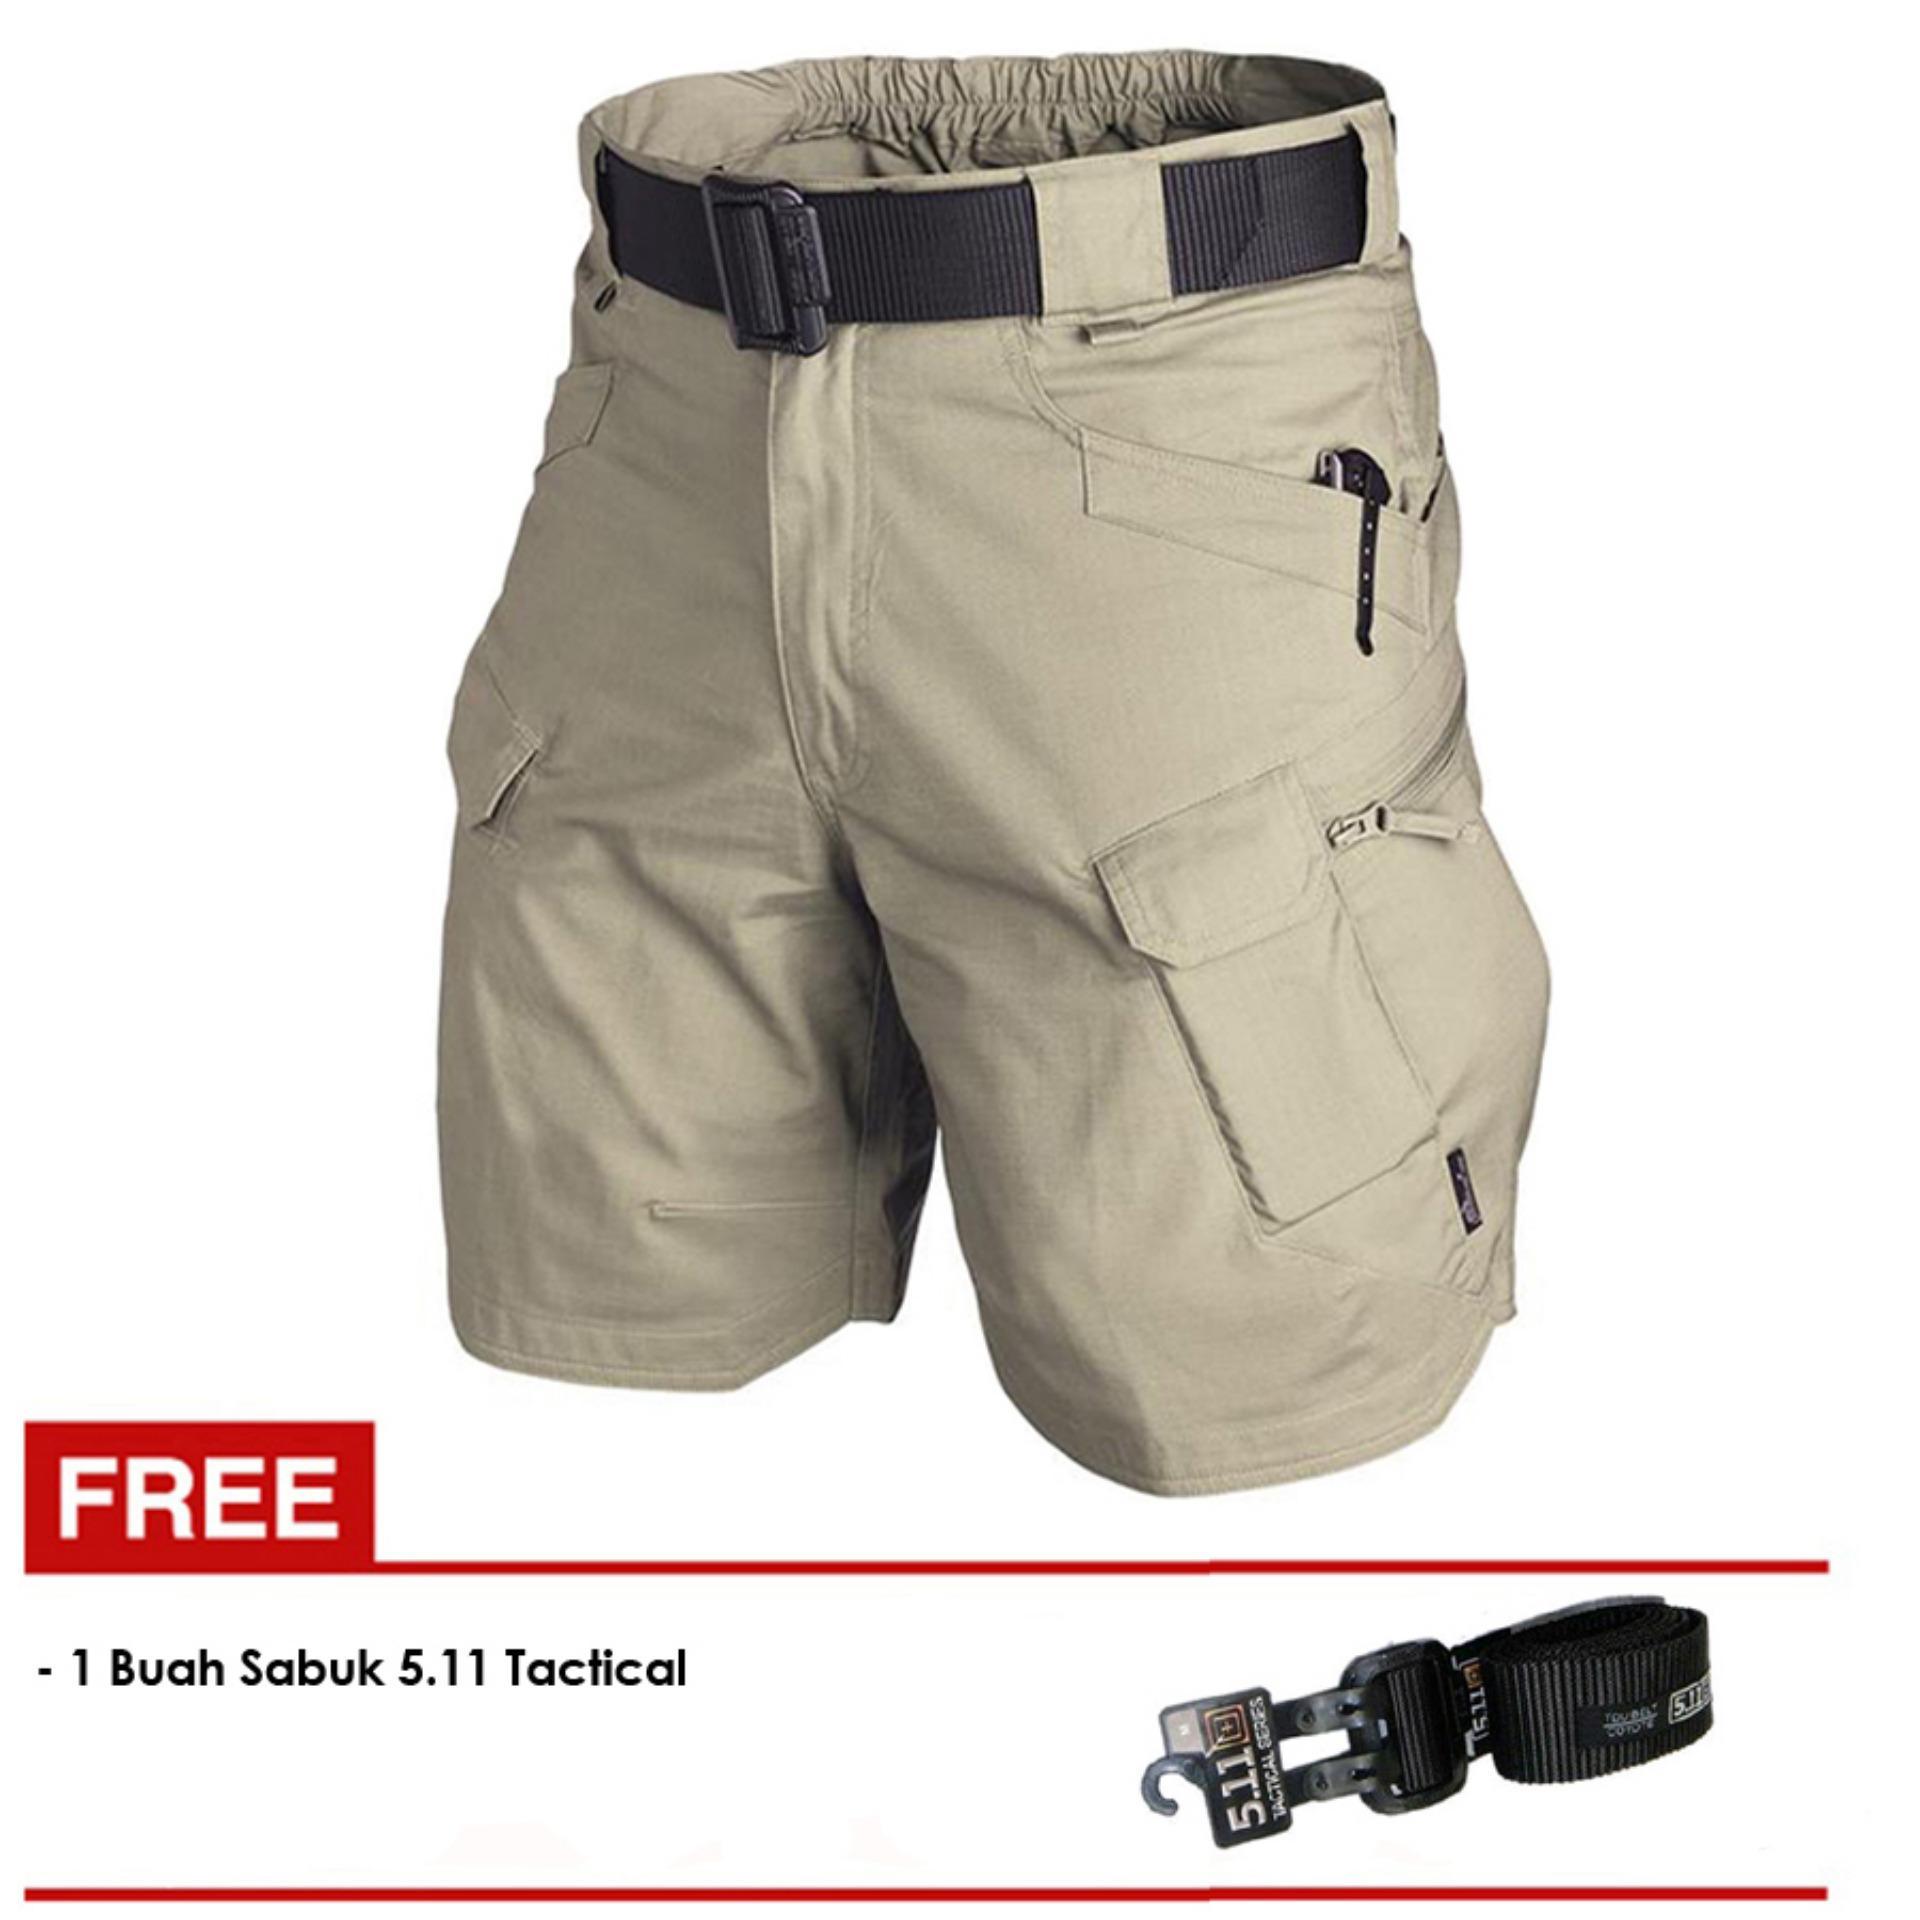 Cek Harga Baru 7dayofweek Kemeja Tactical Pria Outdoor Cream Best Pdl Premium Seller Dections Celana Pendek Sabuk 511